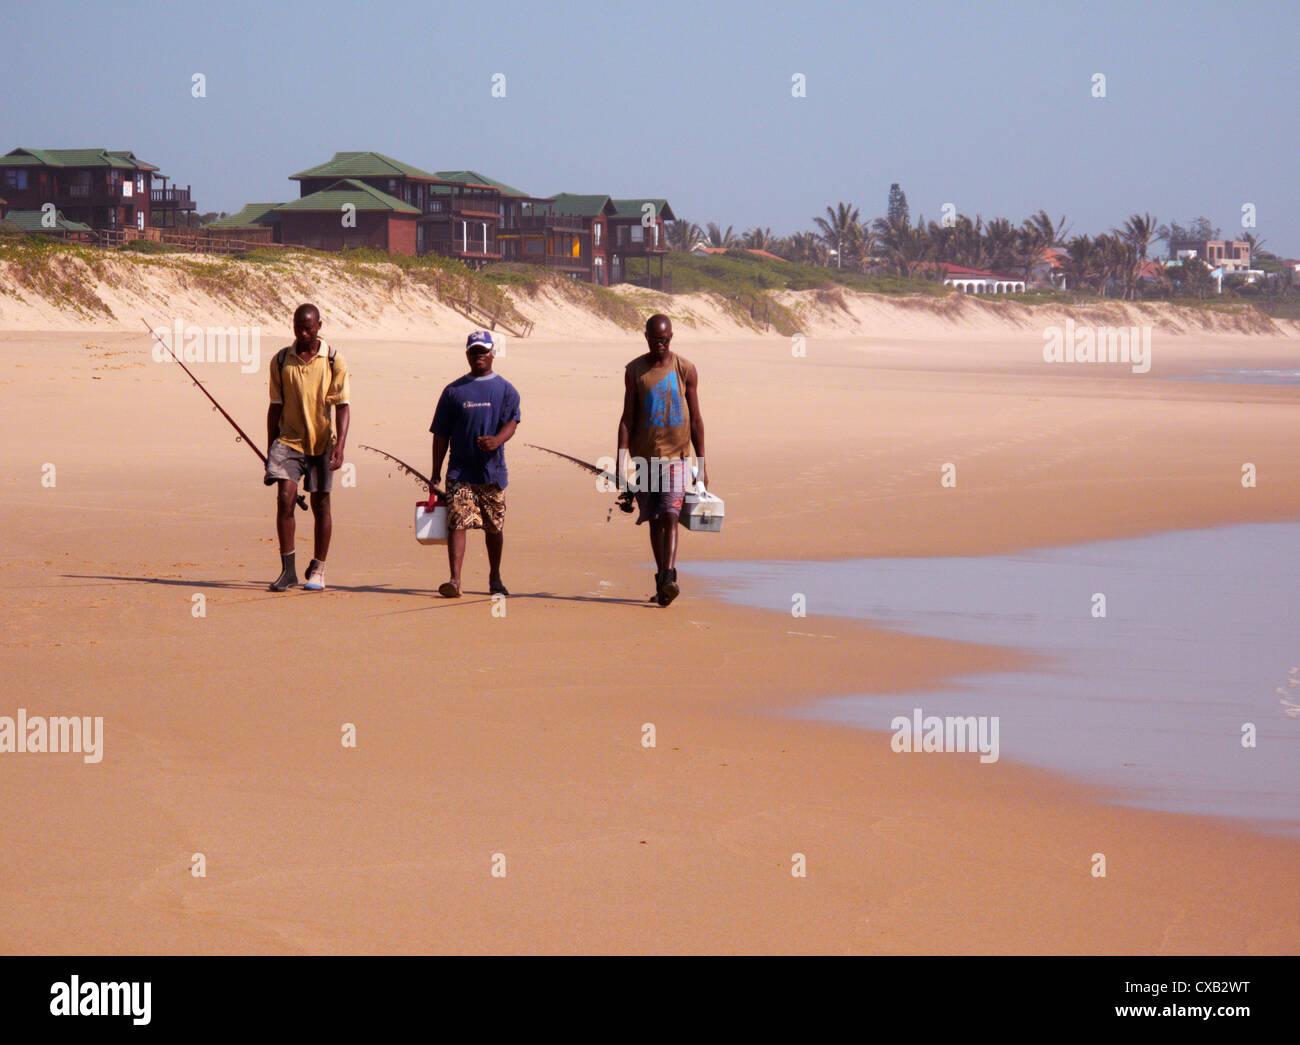 Los hombres pescando en Coco Cabanas beach resort. Ponta do Ouro, en el sur de Mozambique. Imagen De Stock